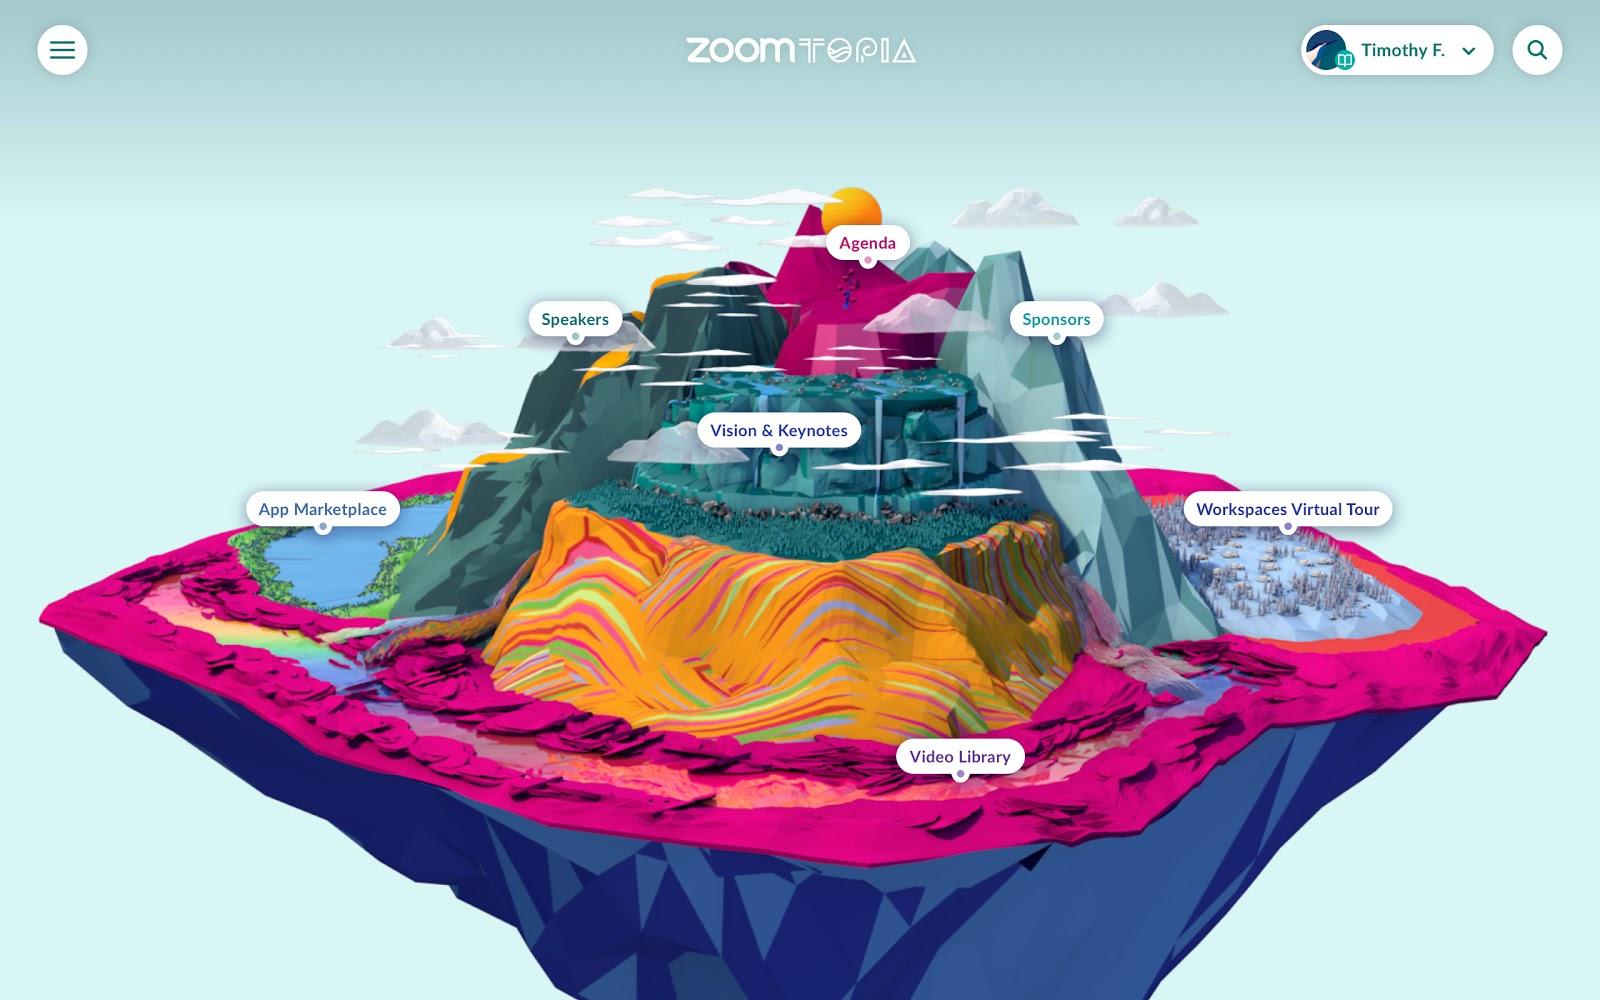 Zoom舉辦Zoomtopia 2020 開啟通訊新紀元